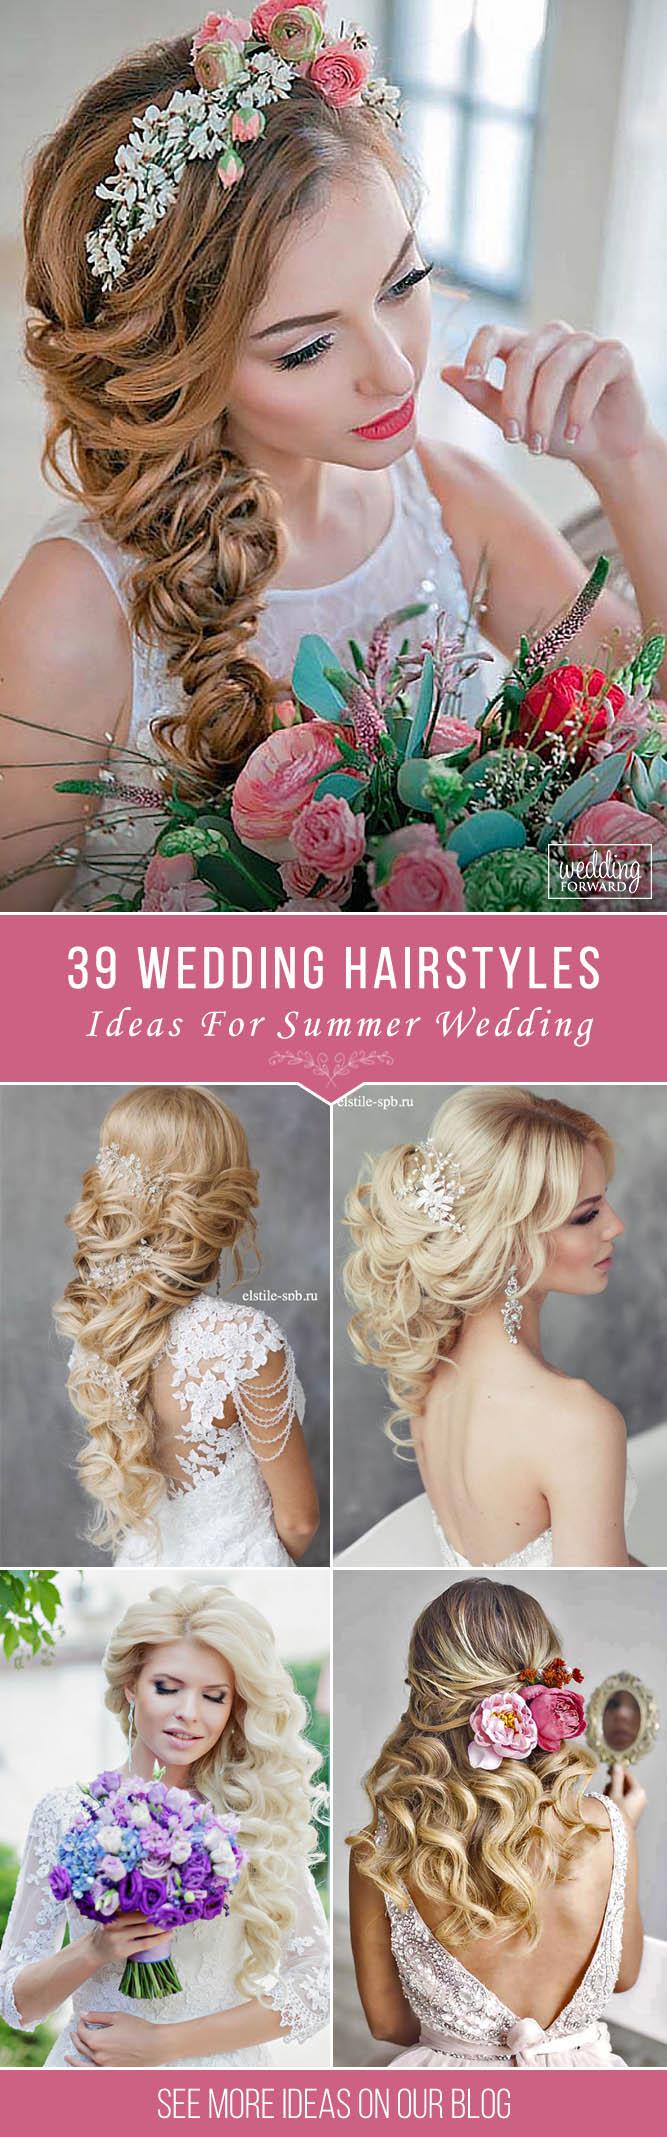 39 Stunning Summer Wedding Hairstyles | Summer wedding hairstyles ...